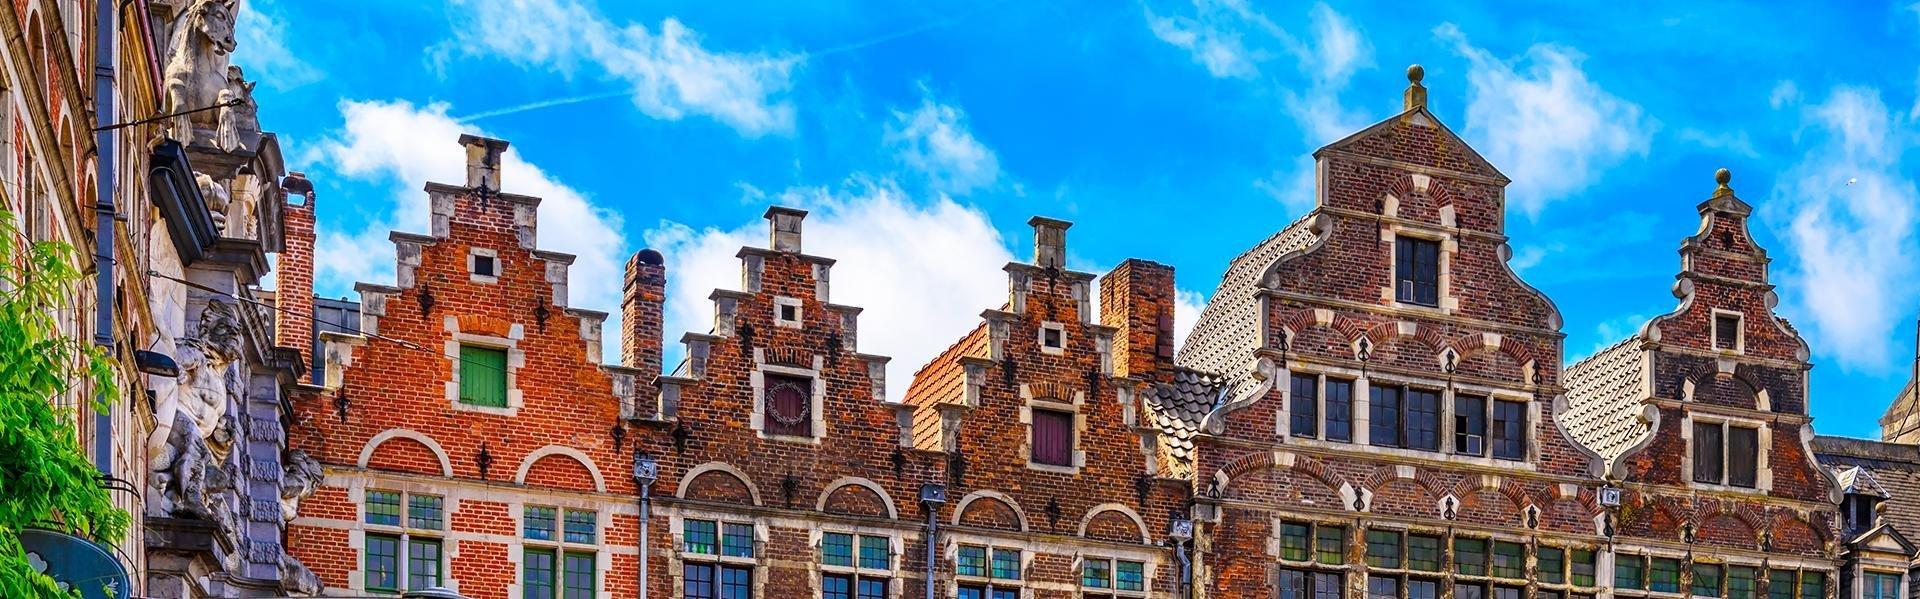 De Korenmarkt in Gent, België